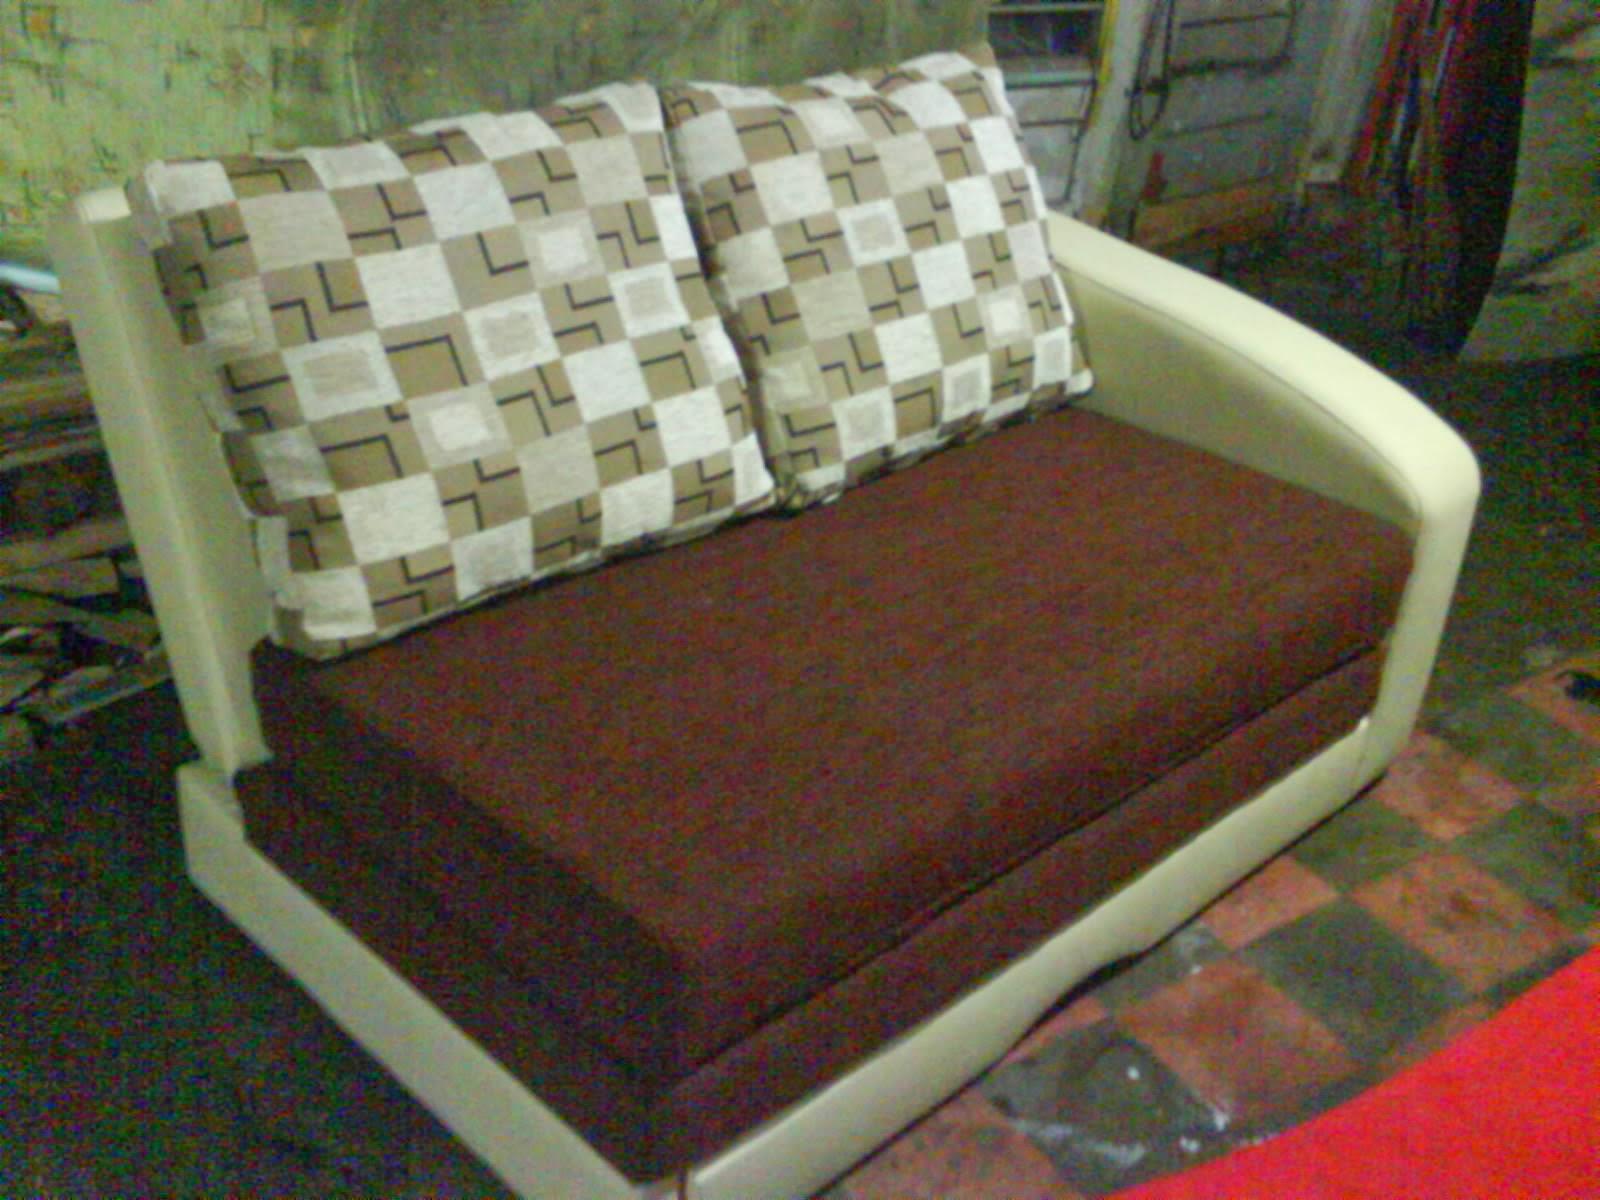 Sofa Bed Minimalis Murah dan Keren Dengan Kualitas Mantap